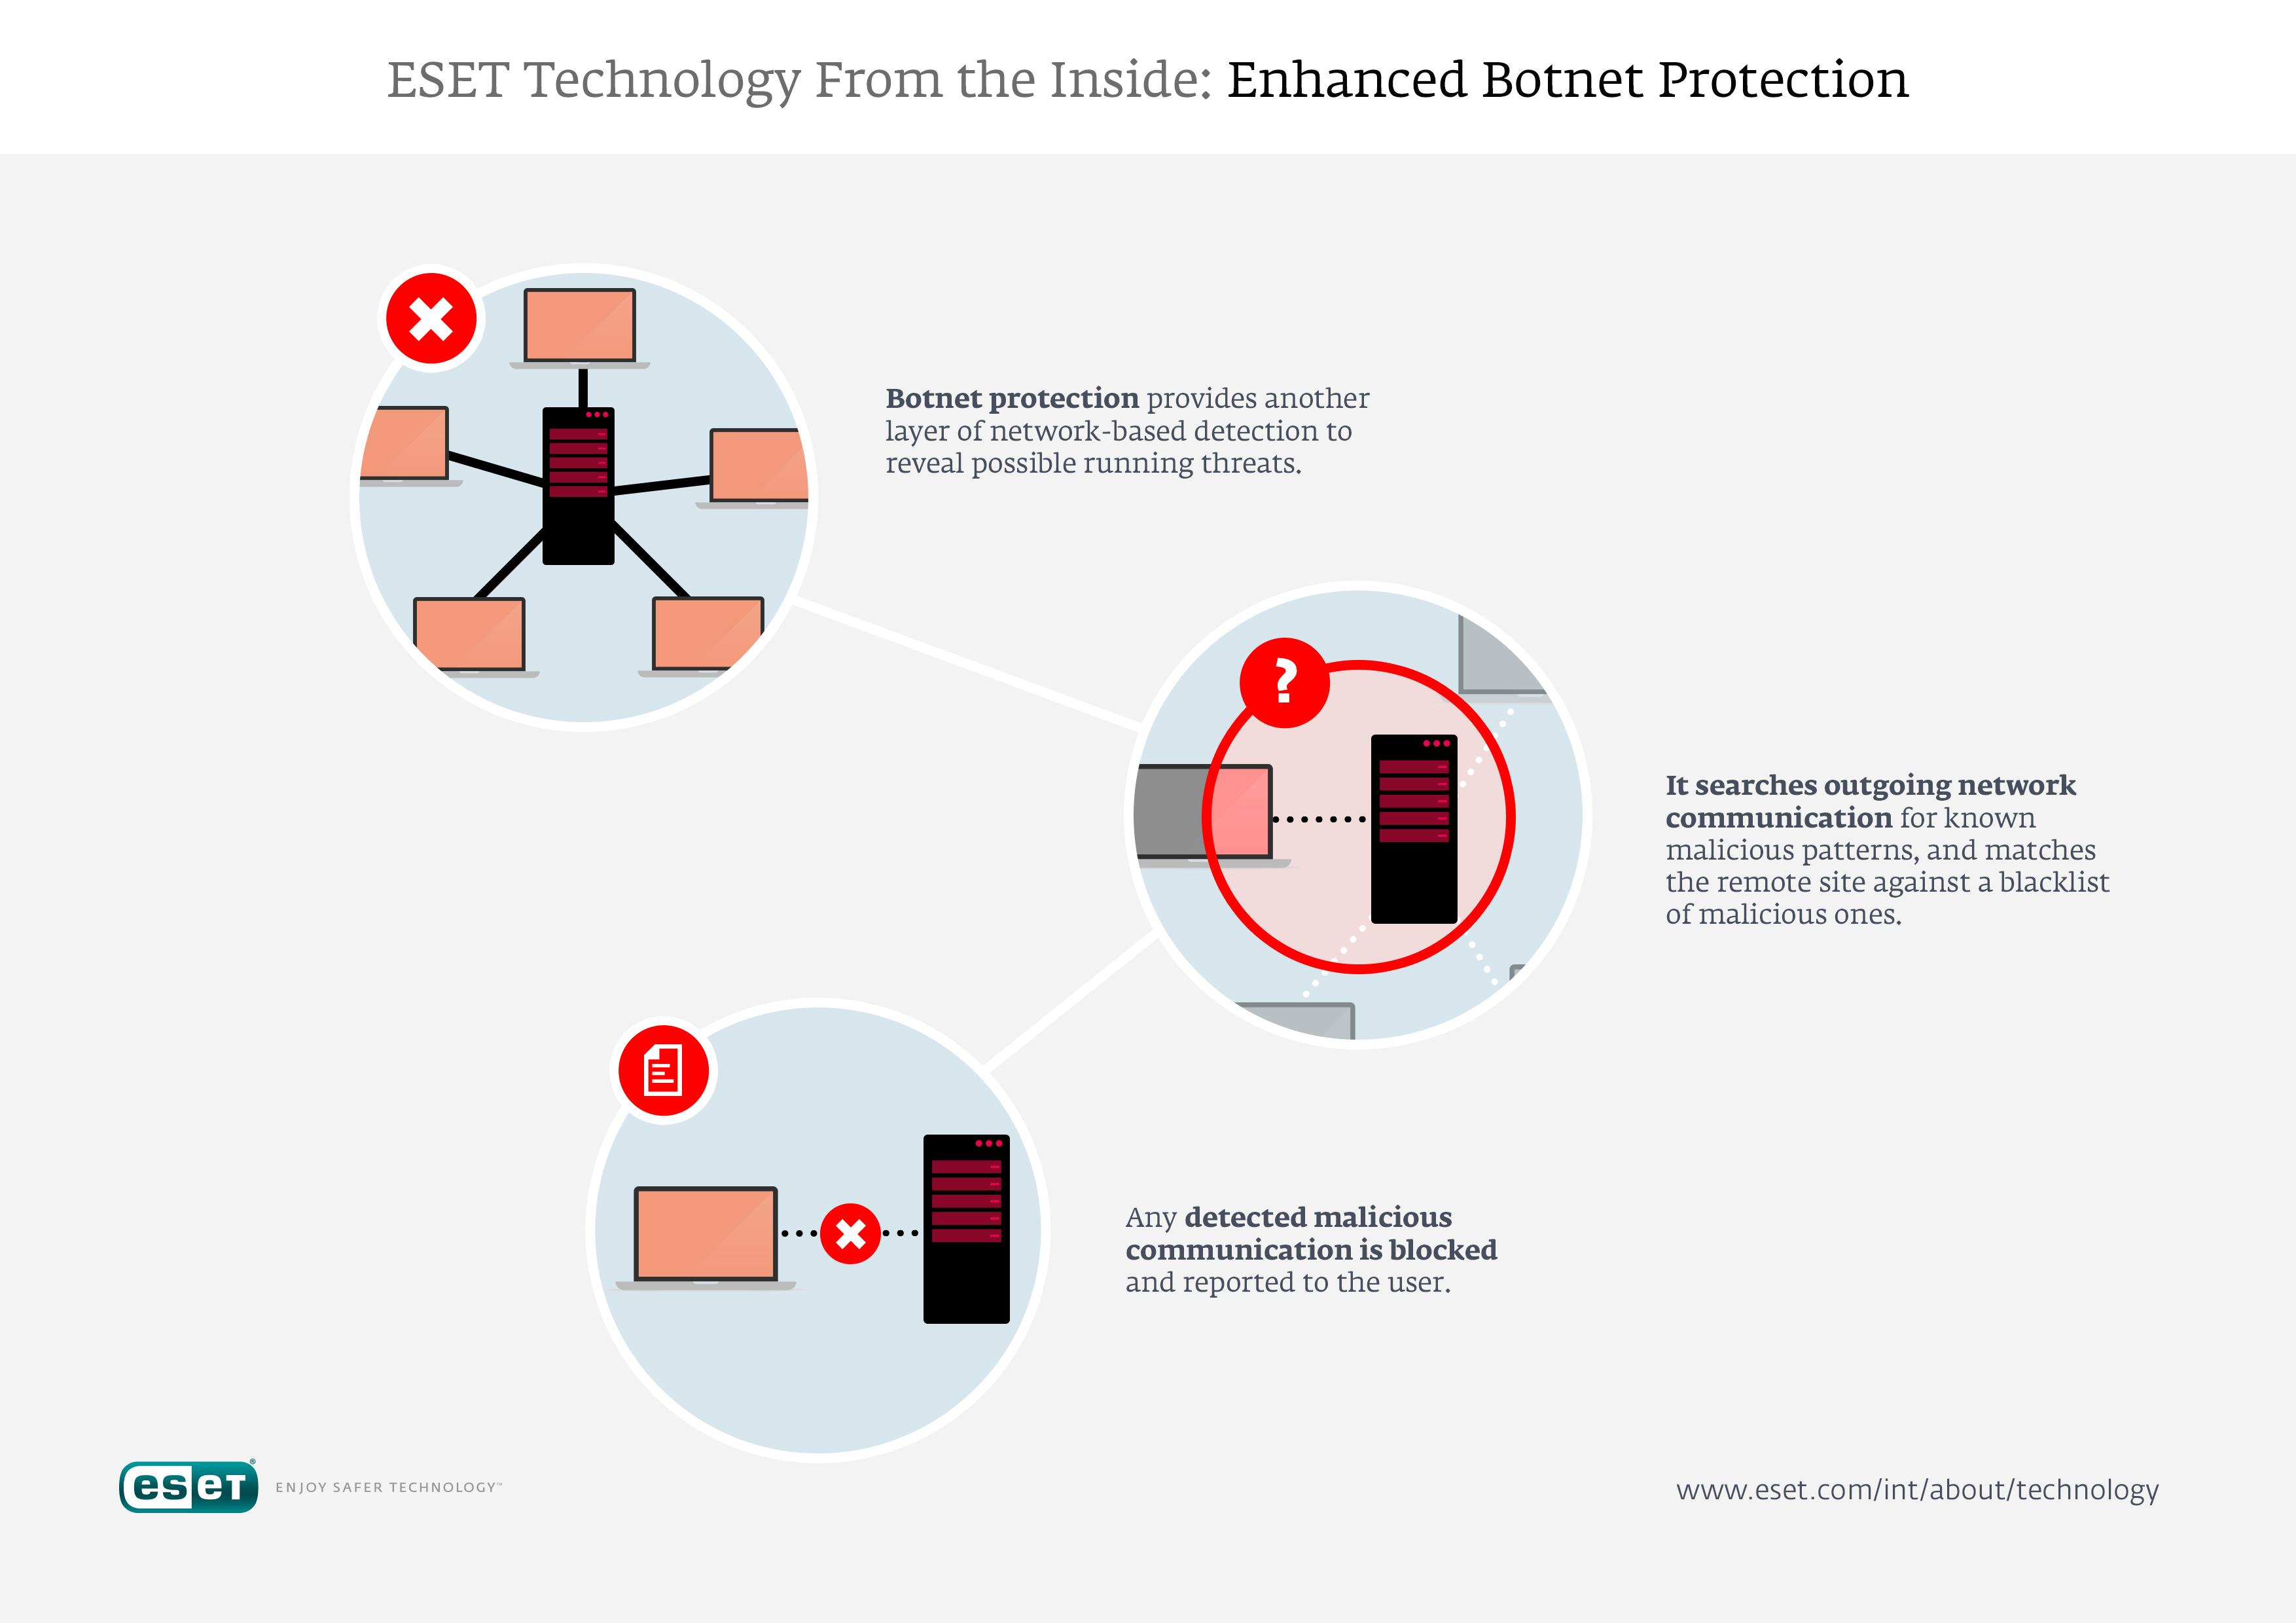 V9_03_Technology_From_The_Inside_Enhanced_Botnet_Protection